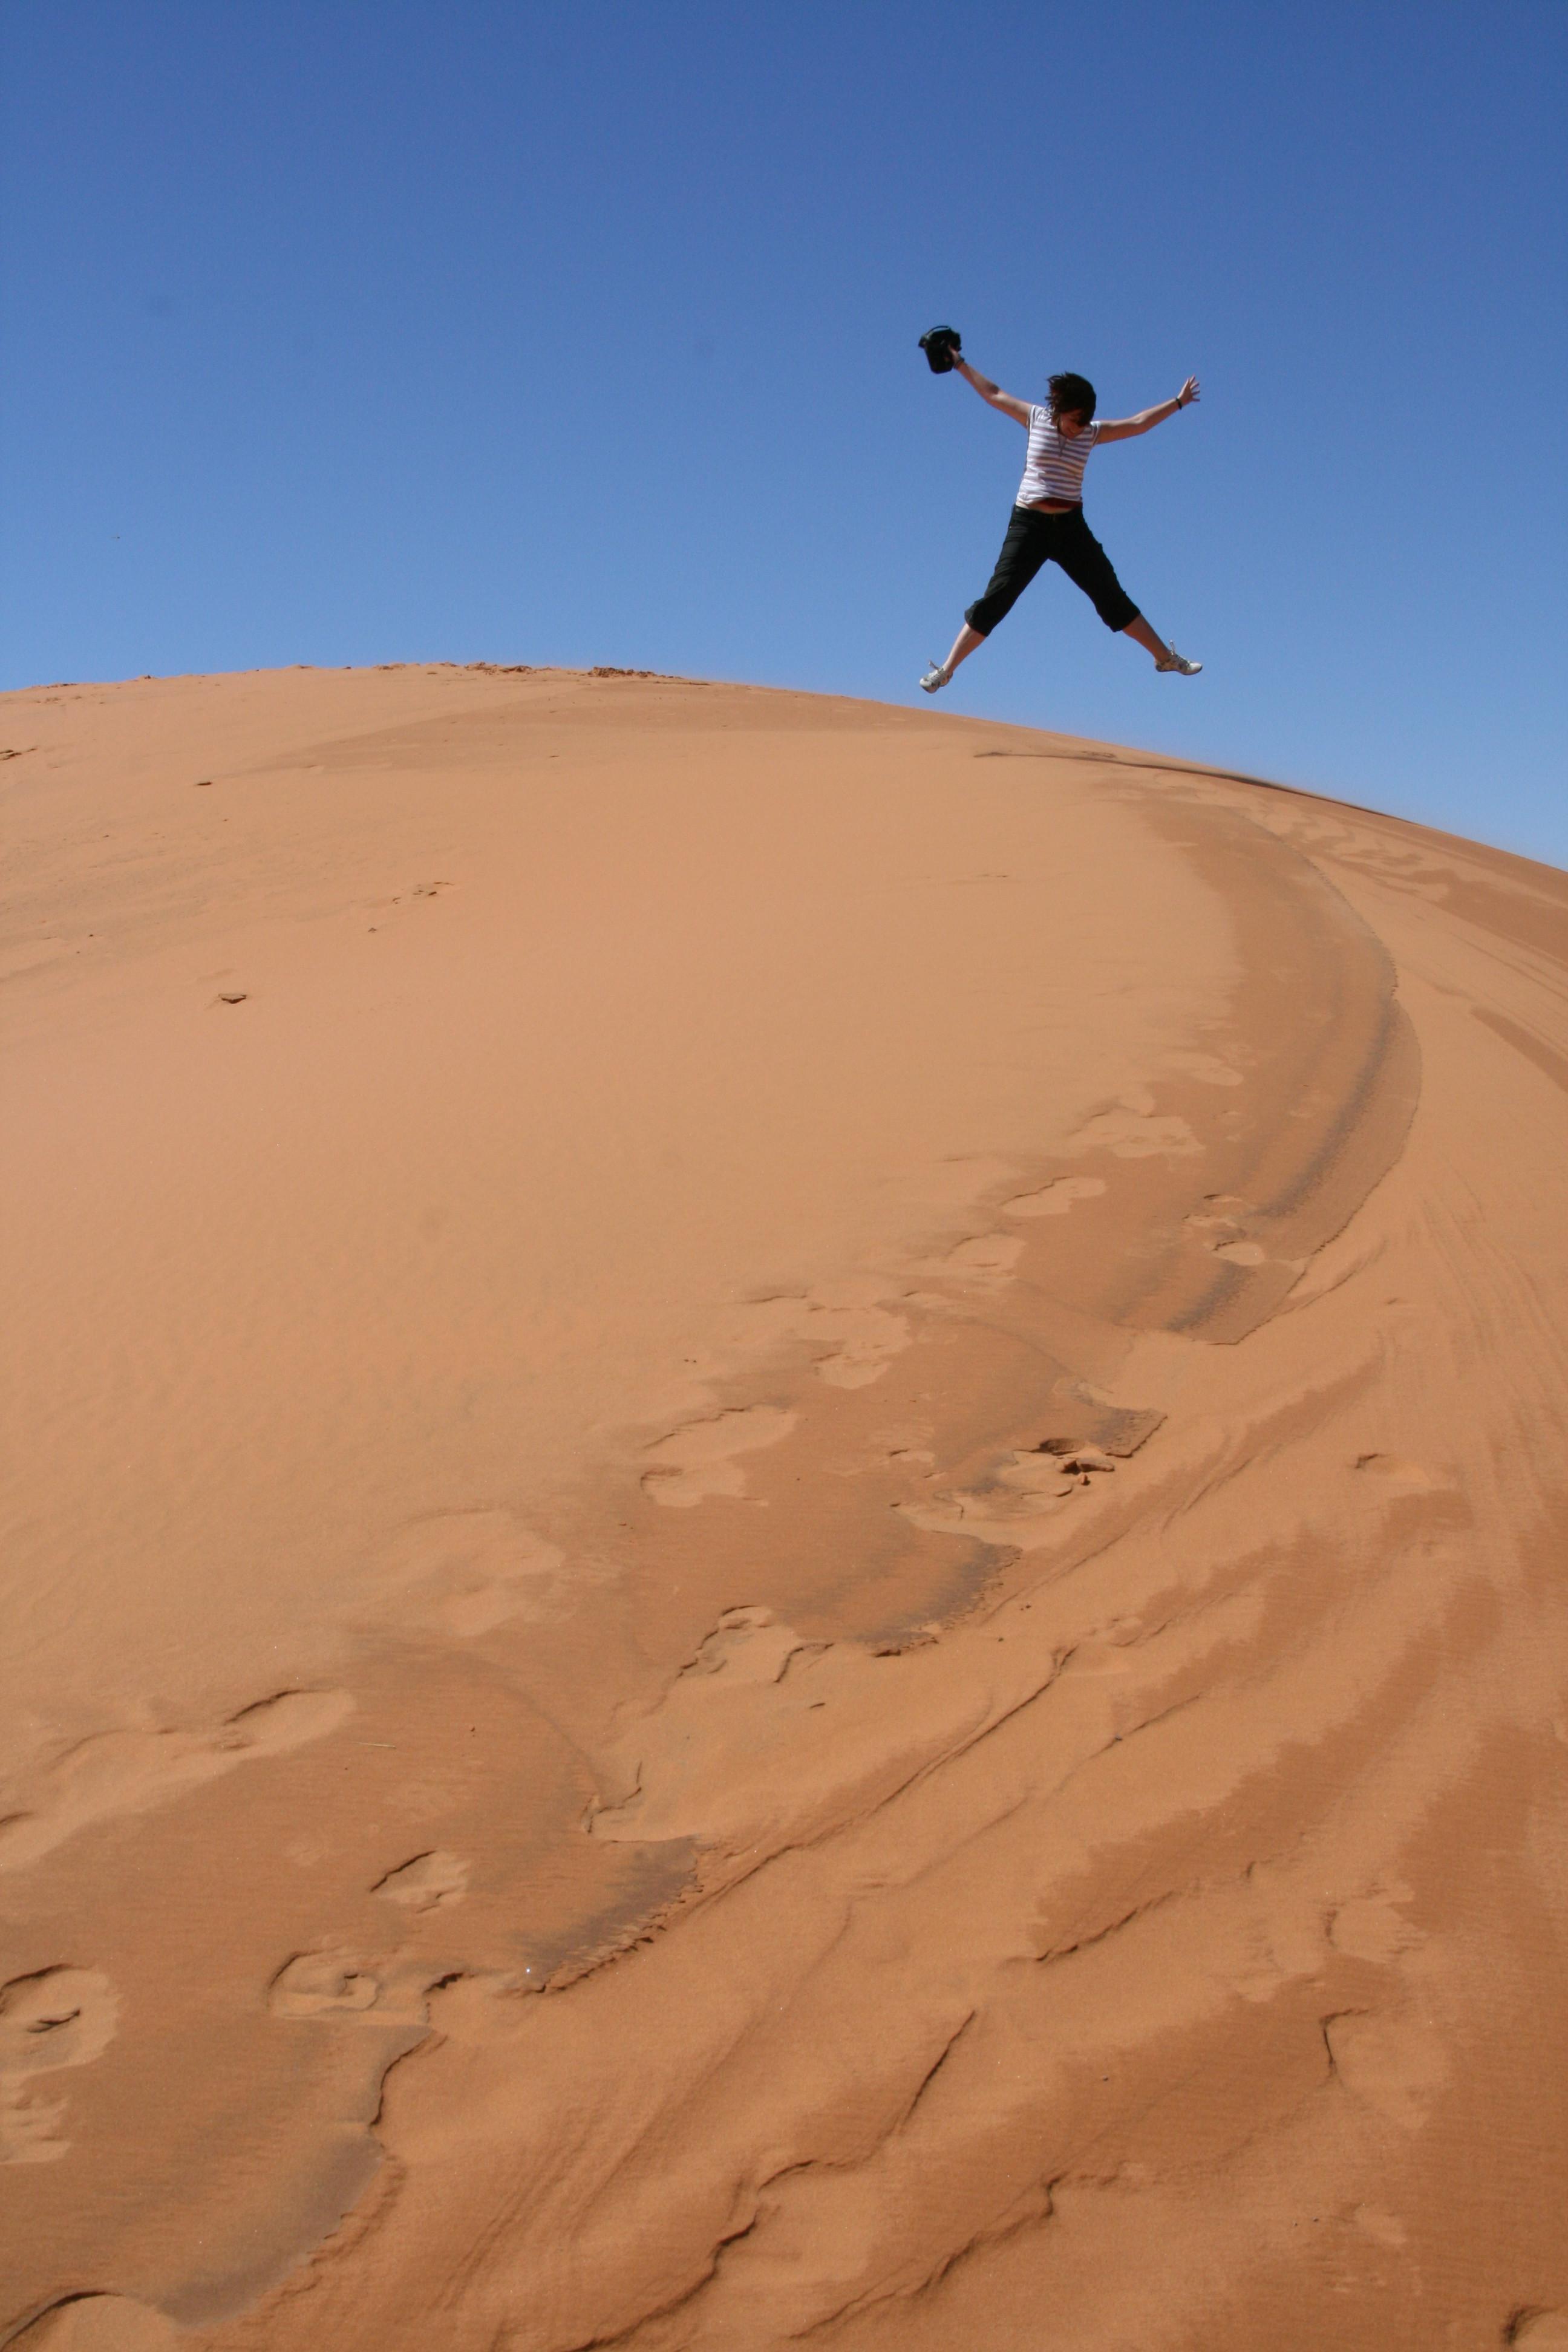 en nog meer zand, zand, zand, zand, zand